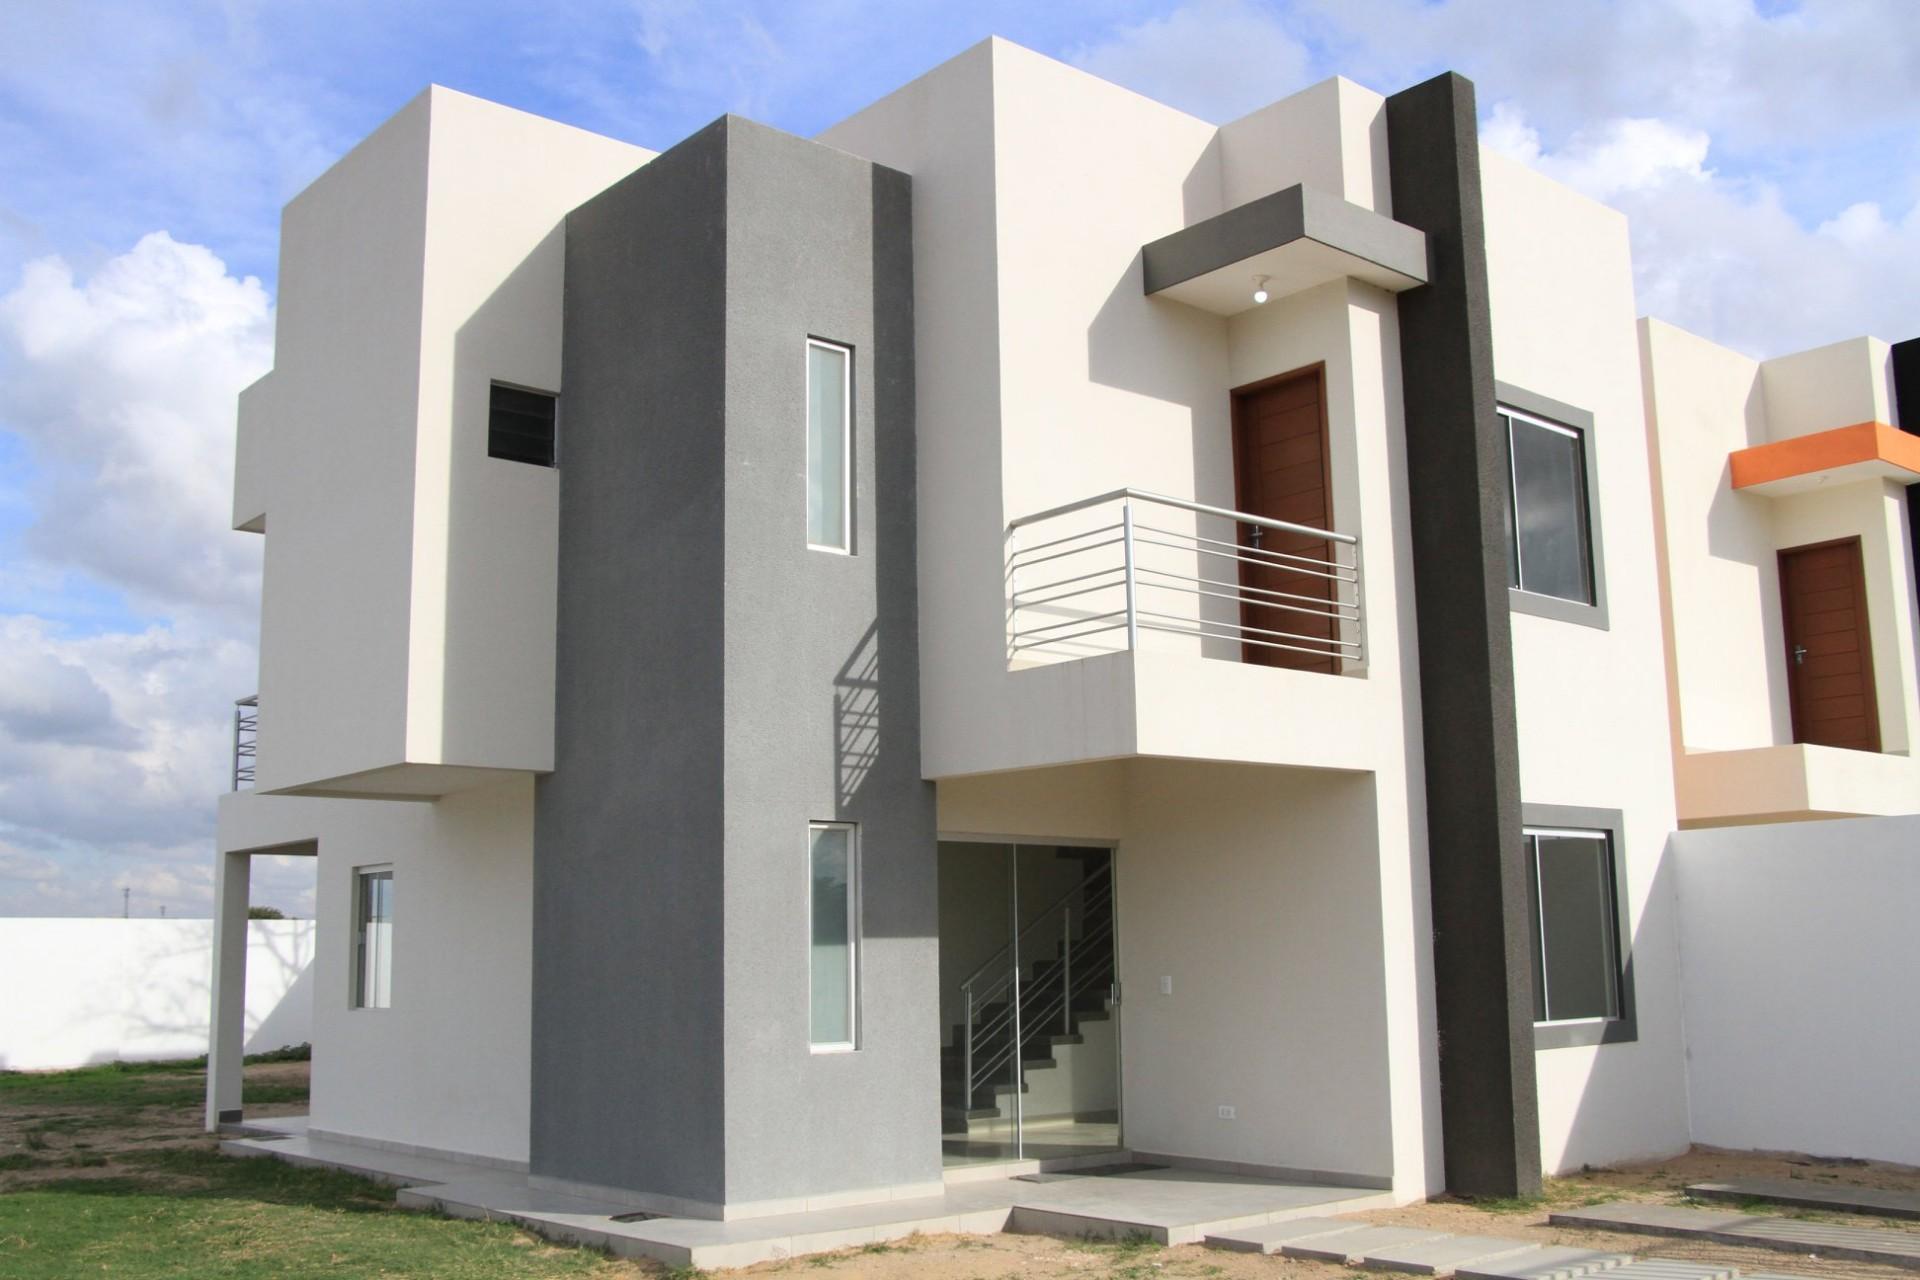 Casa en Venta AV. MONTE CRISTO Foto 1